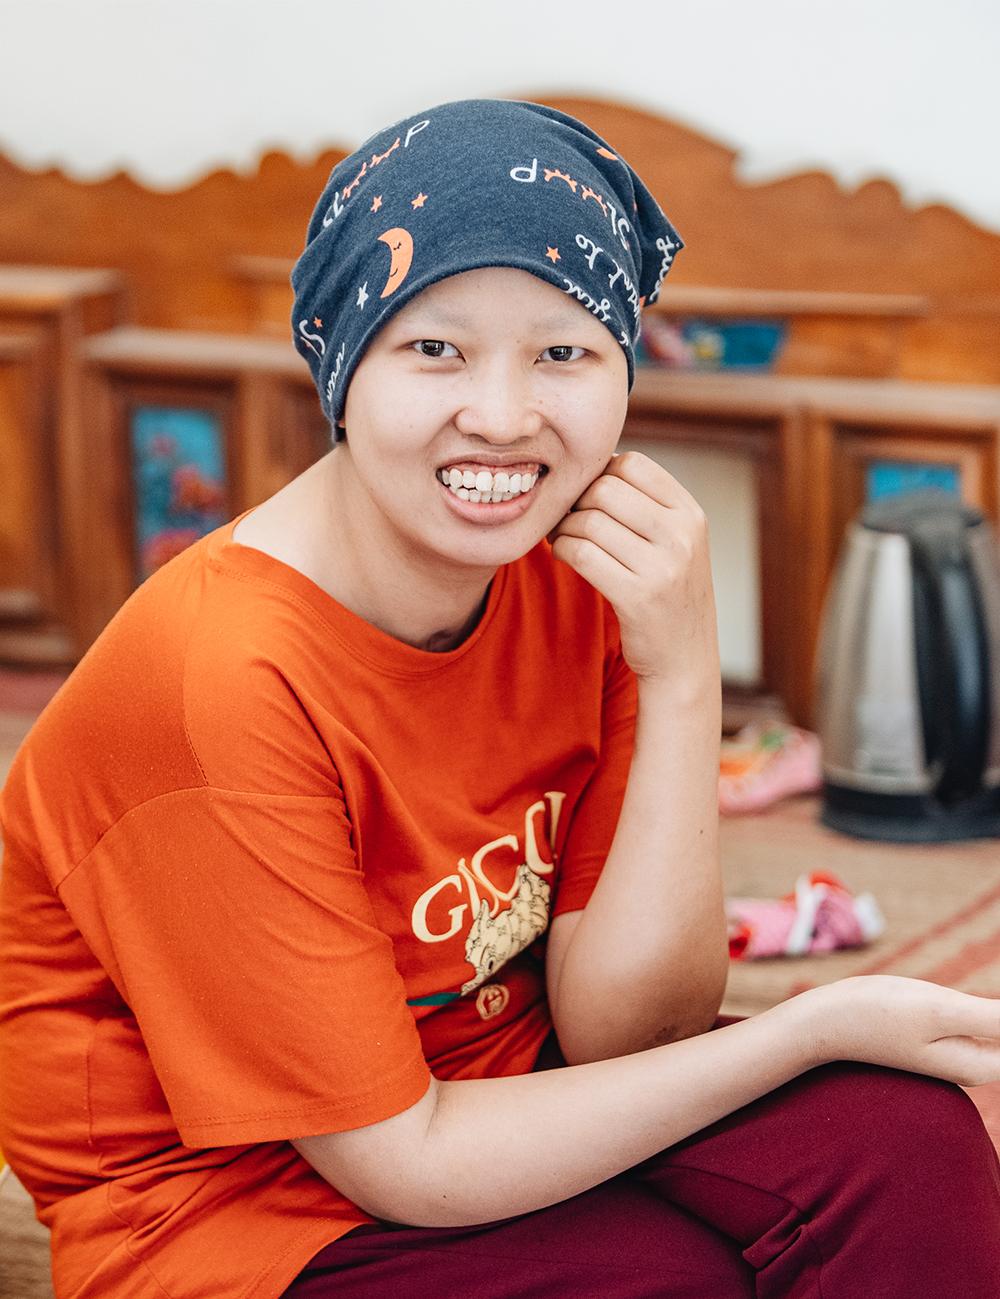 Đỗ Bình An đã được 6 tháng tuổi: Câu chuyện phi thường của người mẹ ung thư giai đoạn cuối, quyết sinh con bằng tất cả tình yêu thương và lòng dũng cảm - Ảnh 7.